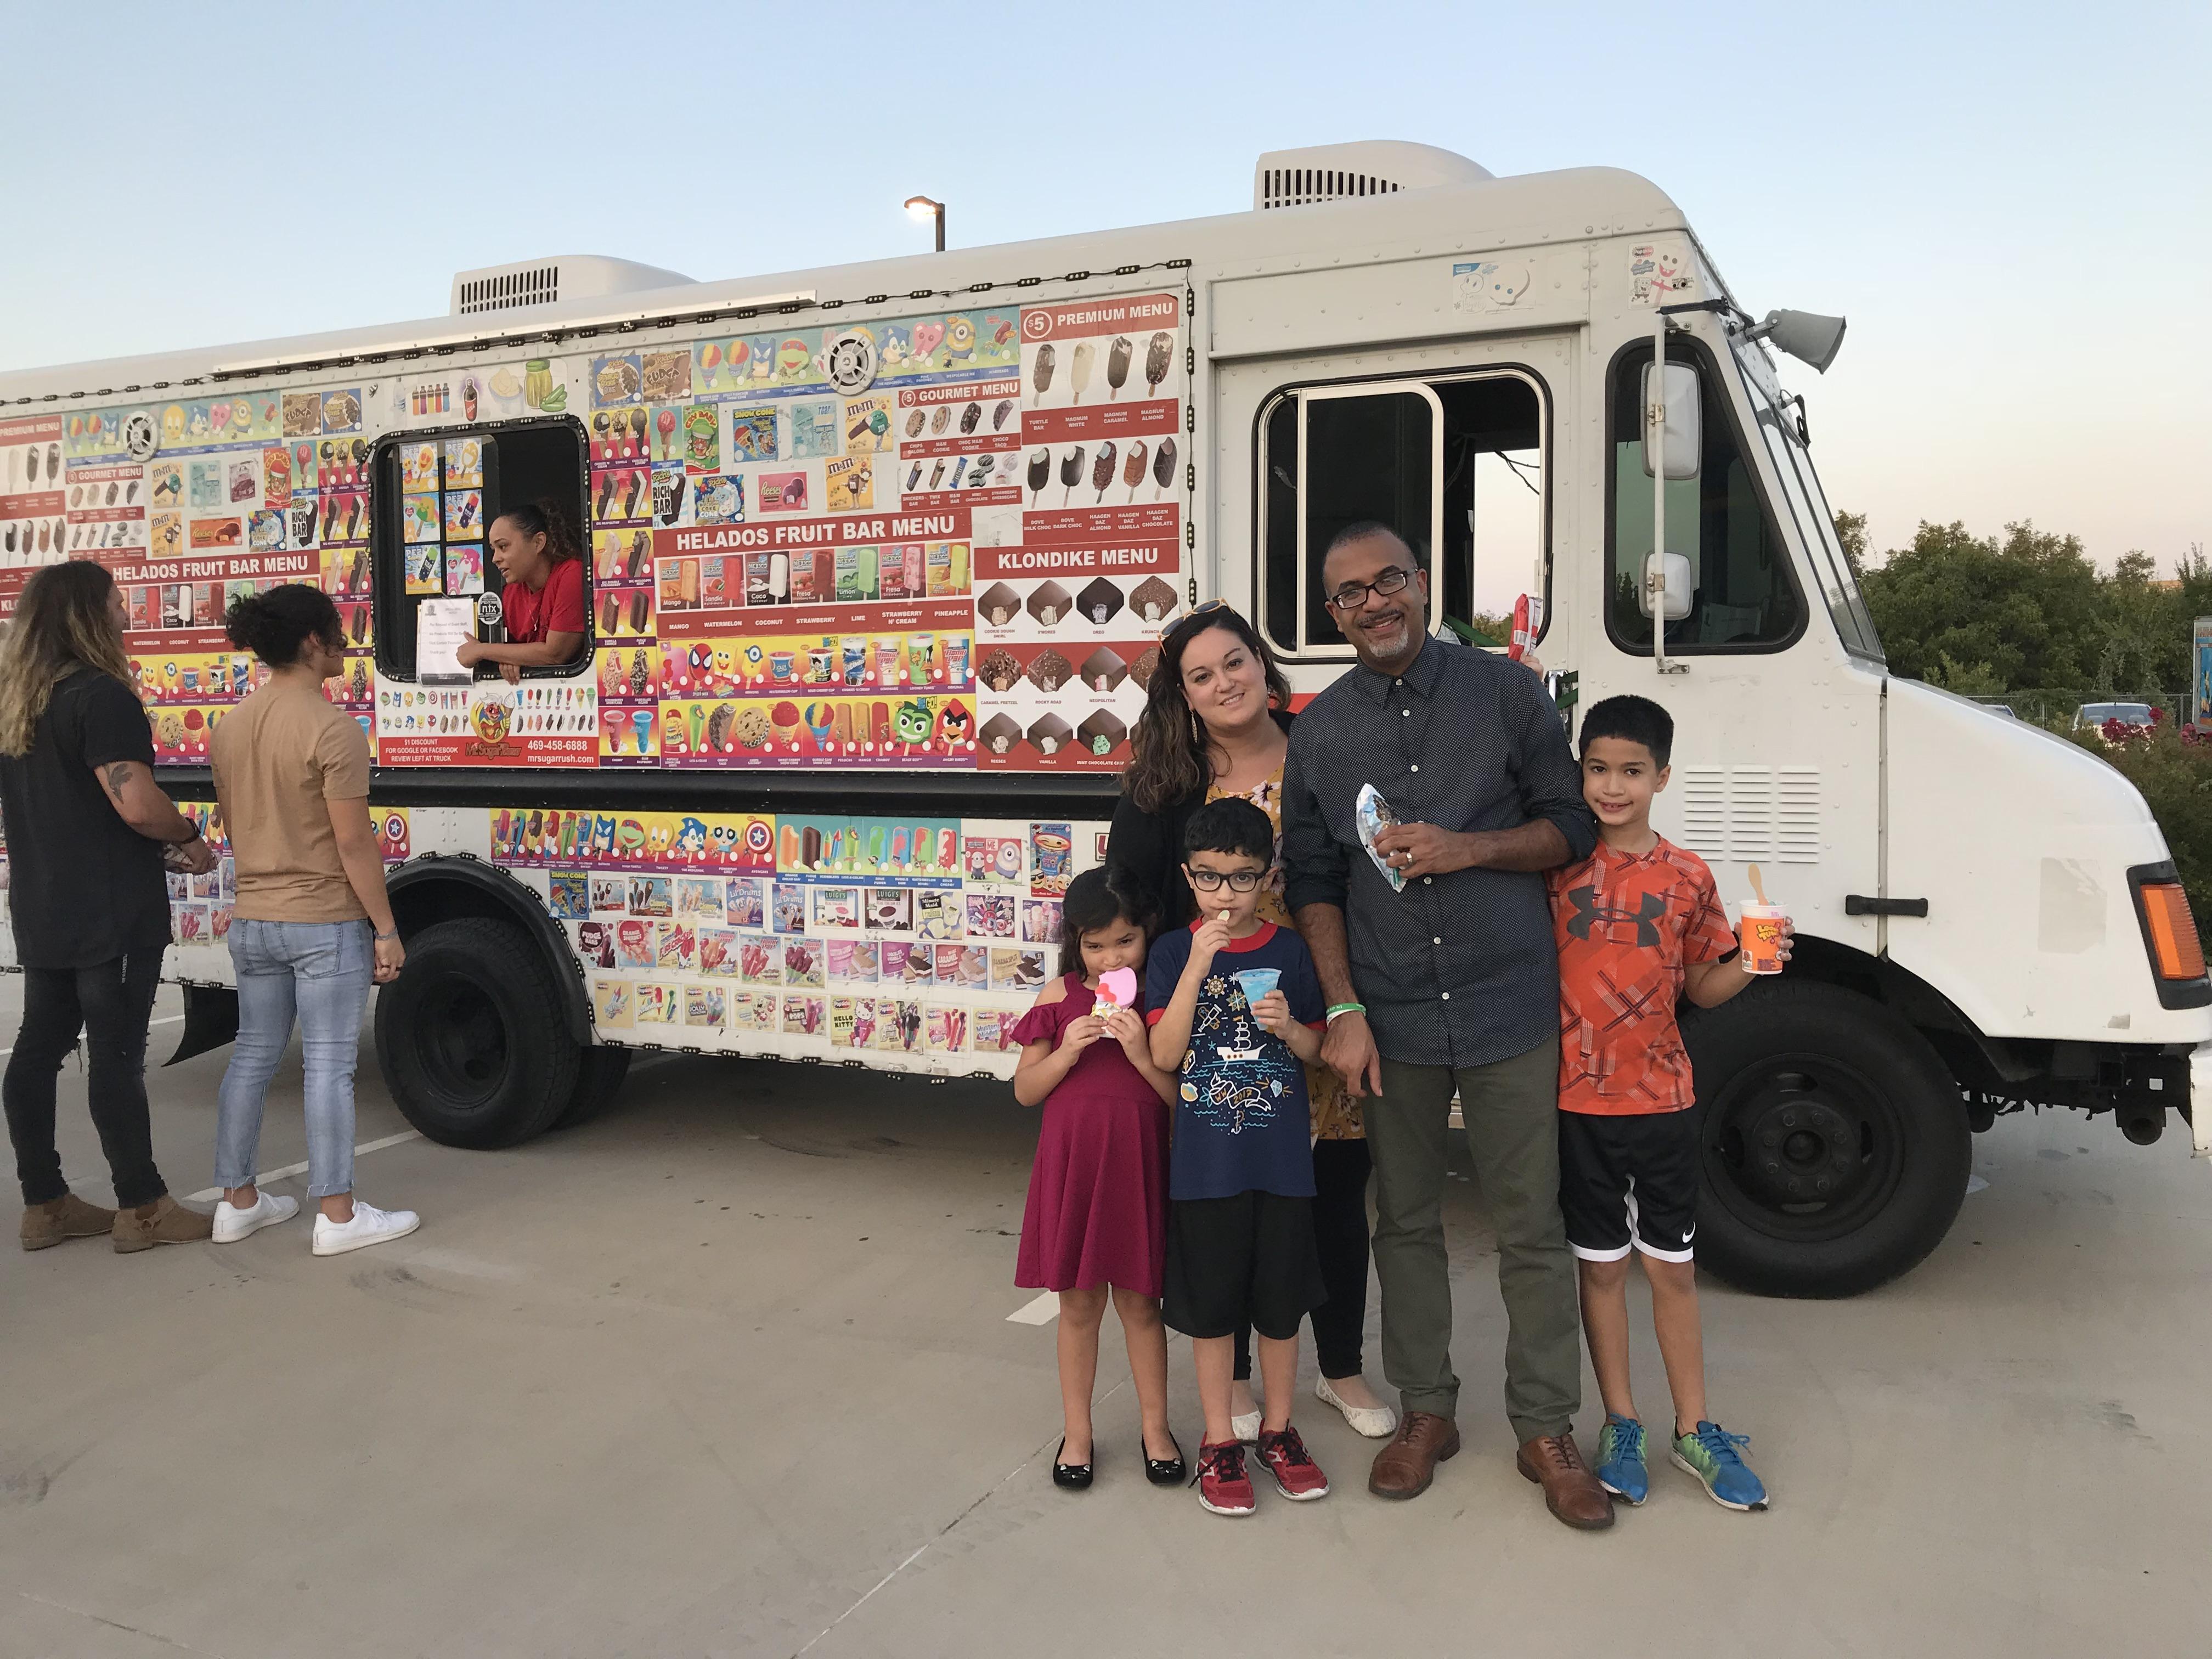 Dallas Ice Cream Truck Company